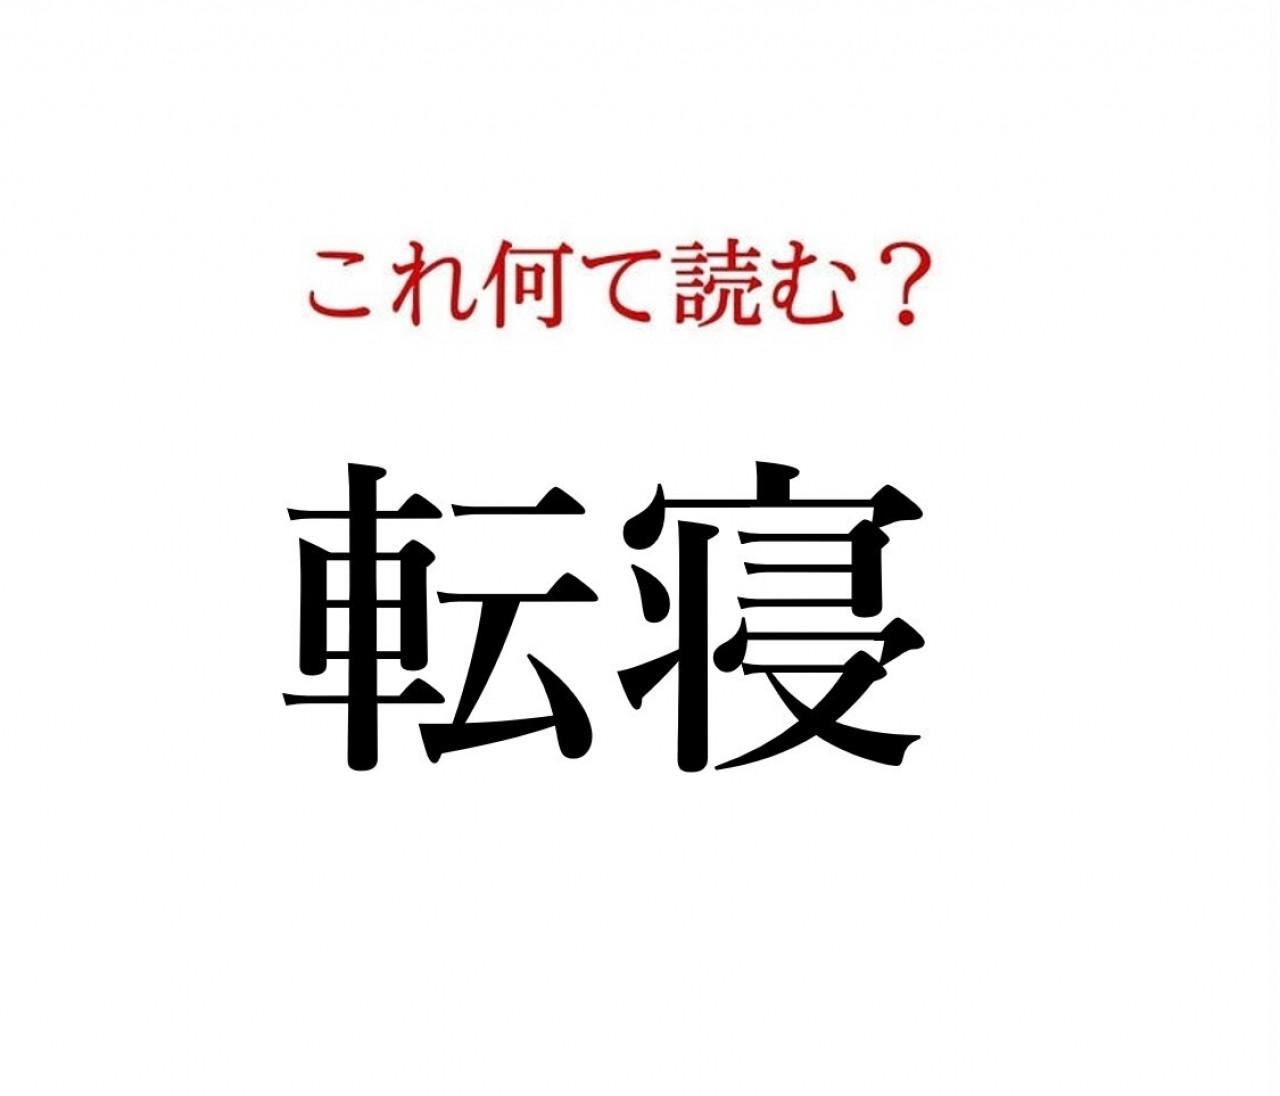 「転寝」:この漢字、自信を持って読めますか?【働く大人の漢字クイズvol.314】